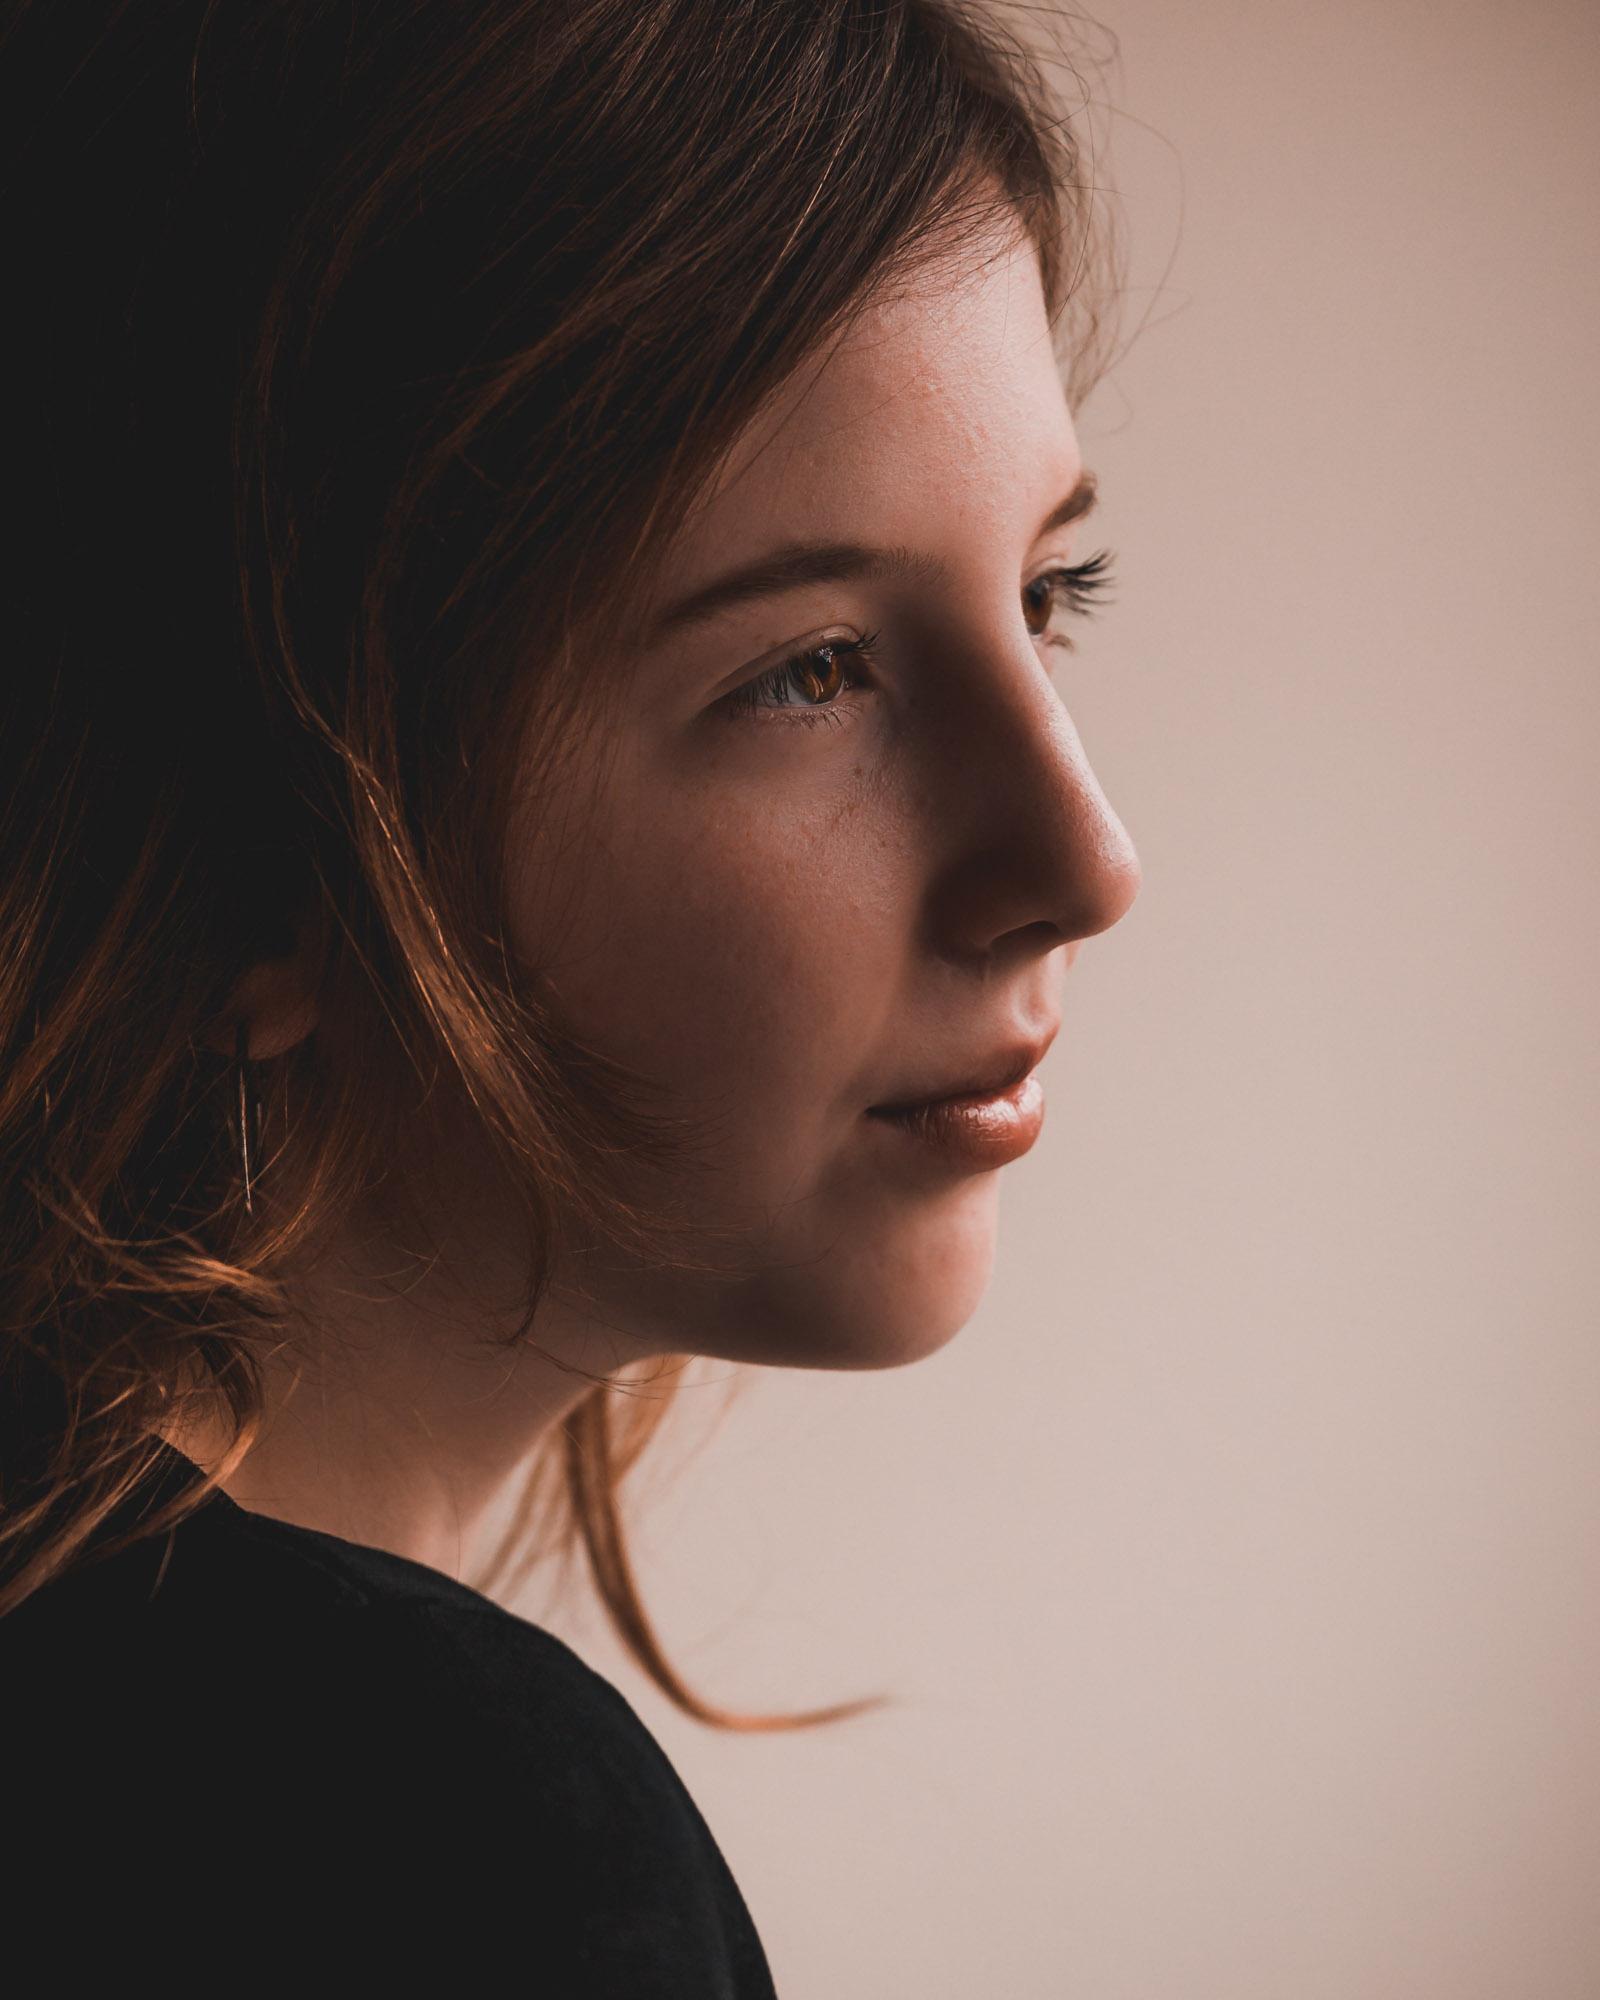 moody portret van jonge vrouw in natuurlijk licht door mayrafotografie